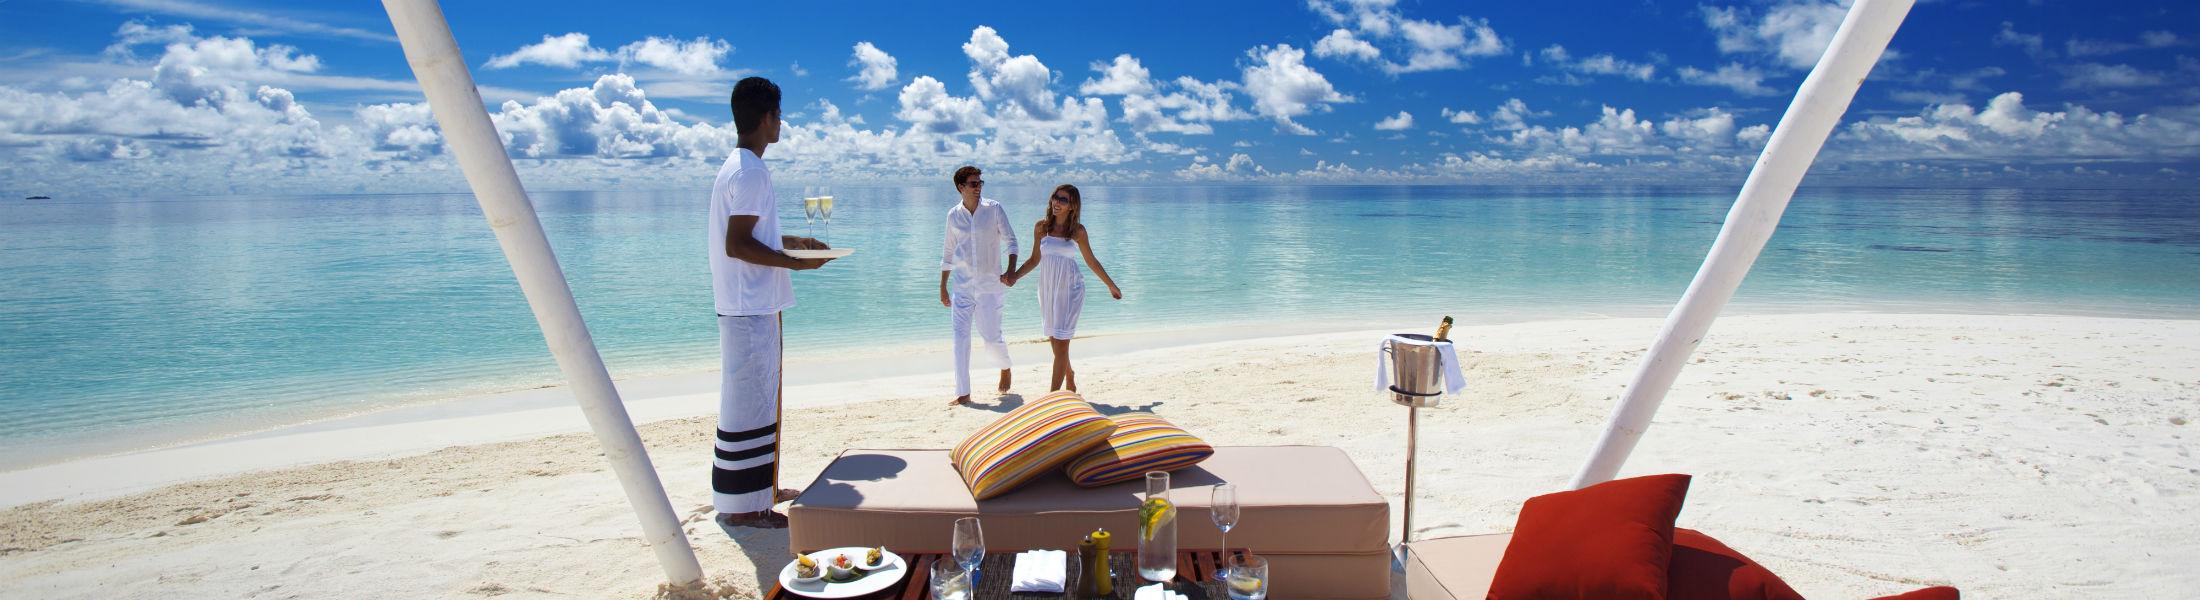 Island escape, Velassaru Maldives